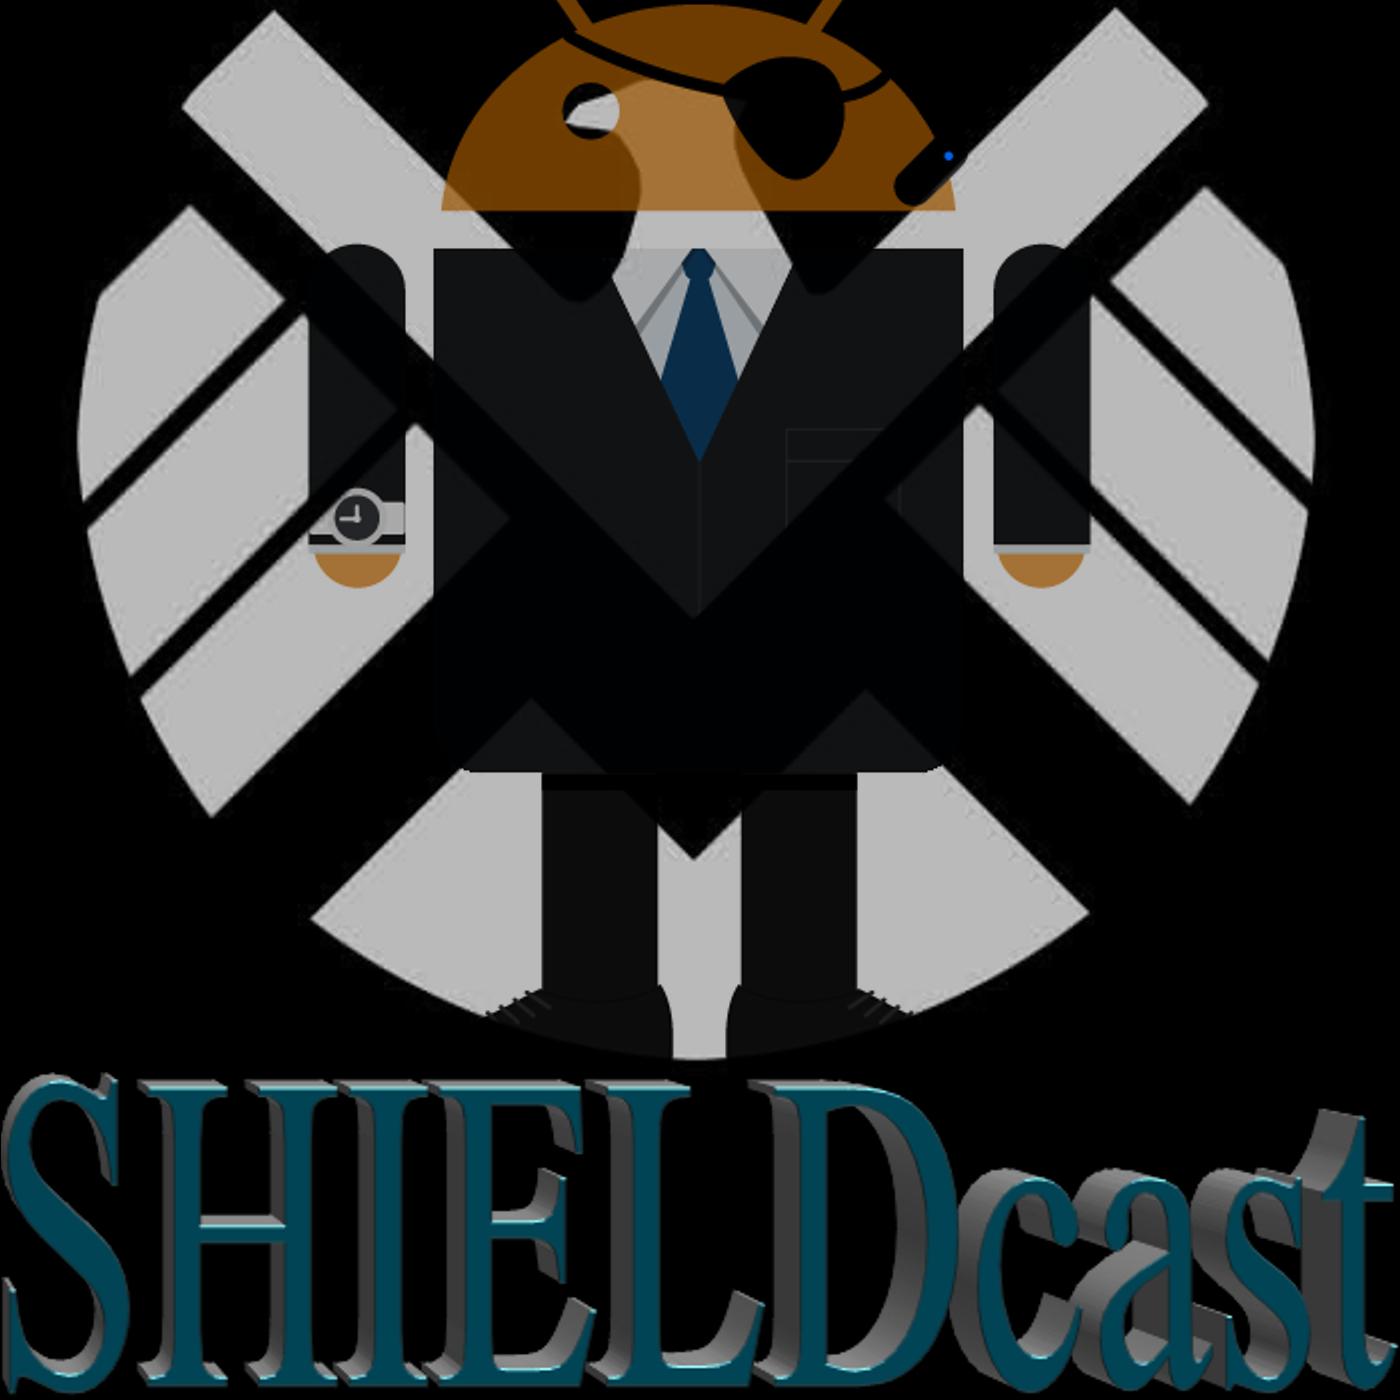 SHIELDcast